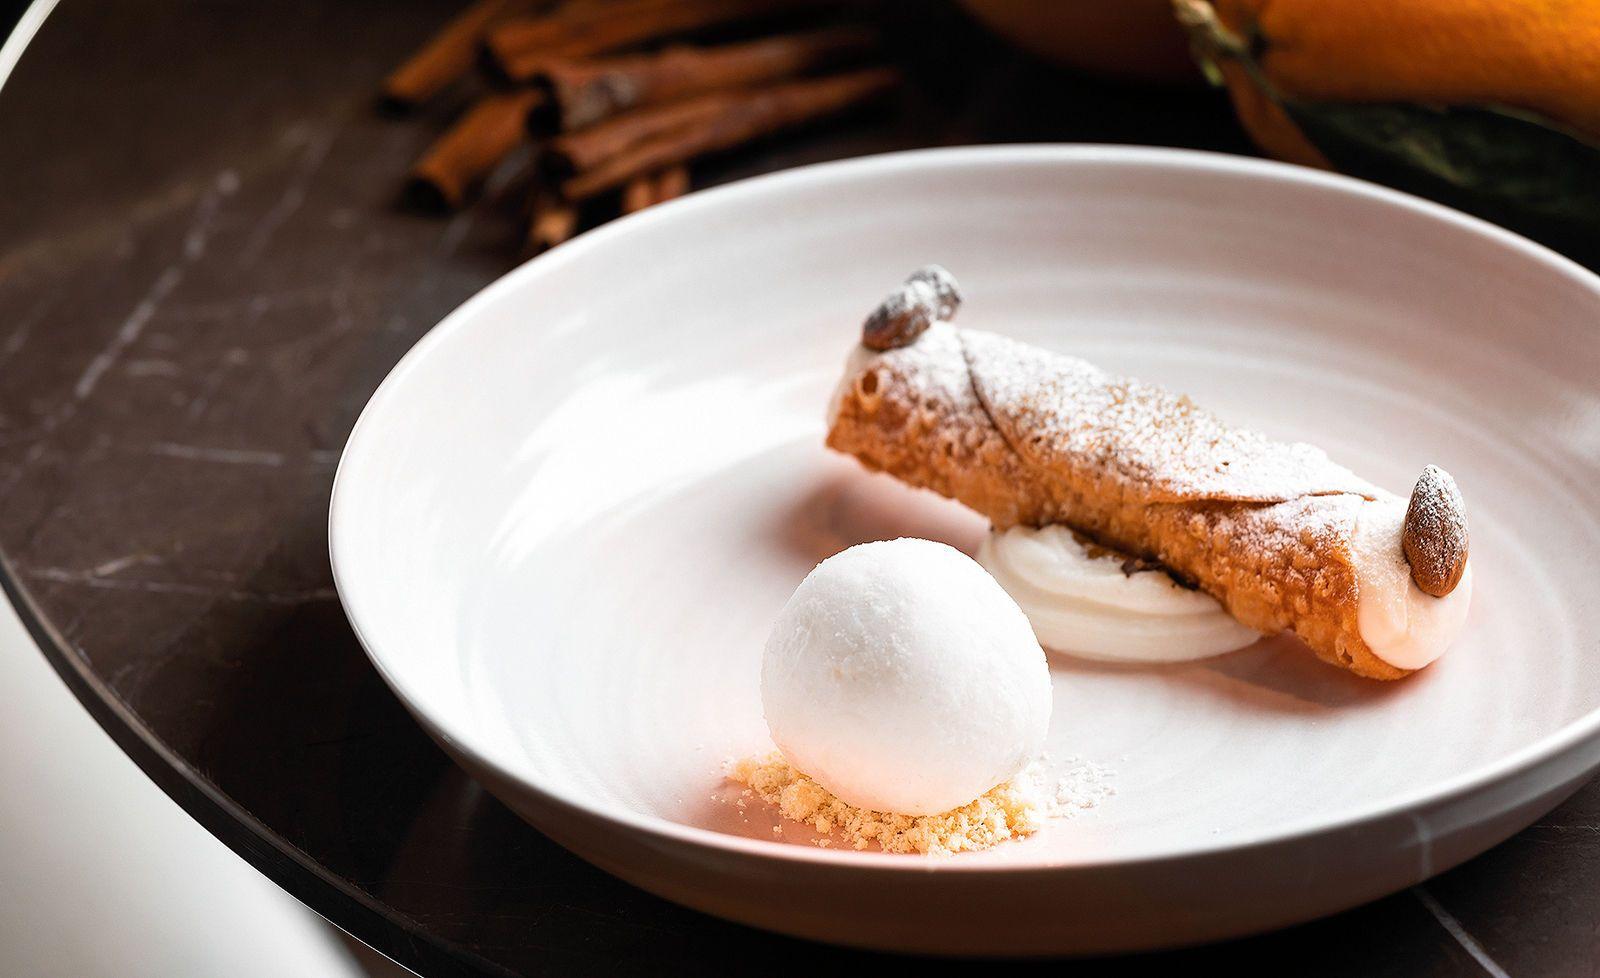 Der kulinarische Input kommt vom sizilianischen Sternekoch Ciccio Sultano.